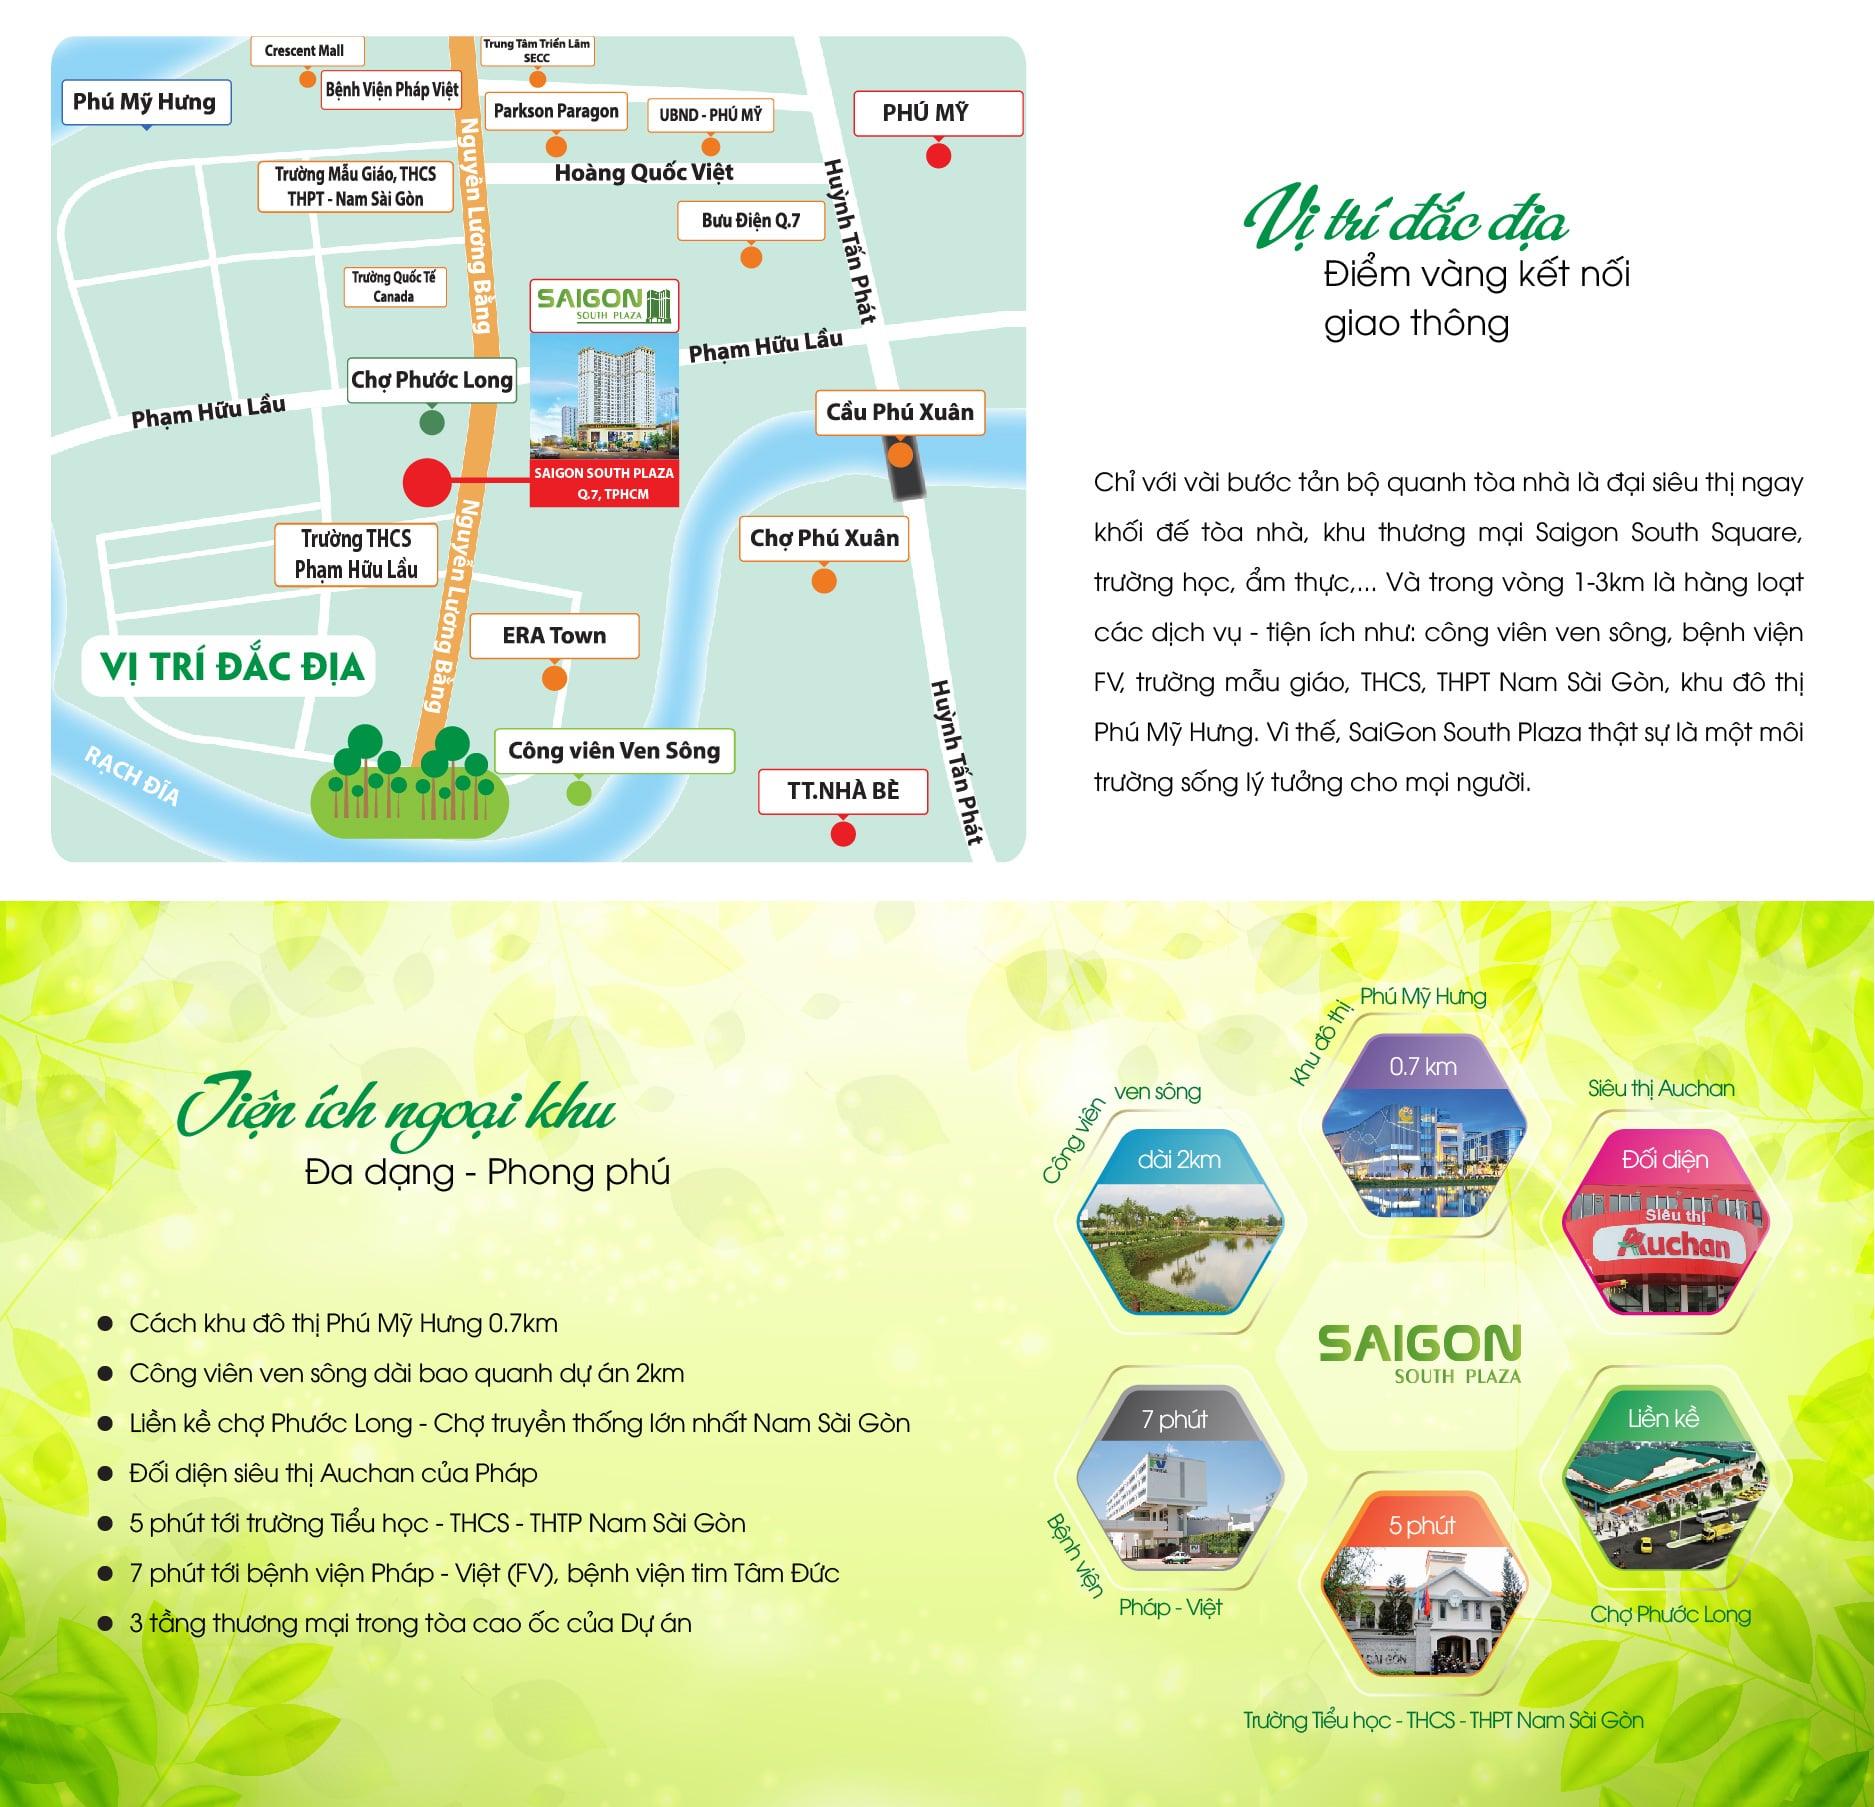 Saigon Square quận 7 - Kiot Saigon South Plaza